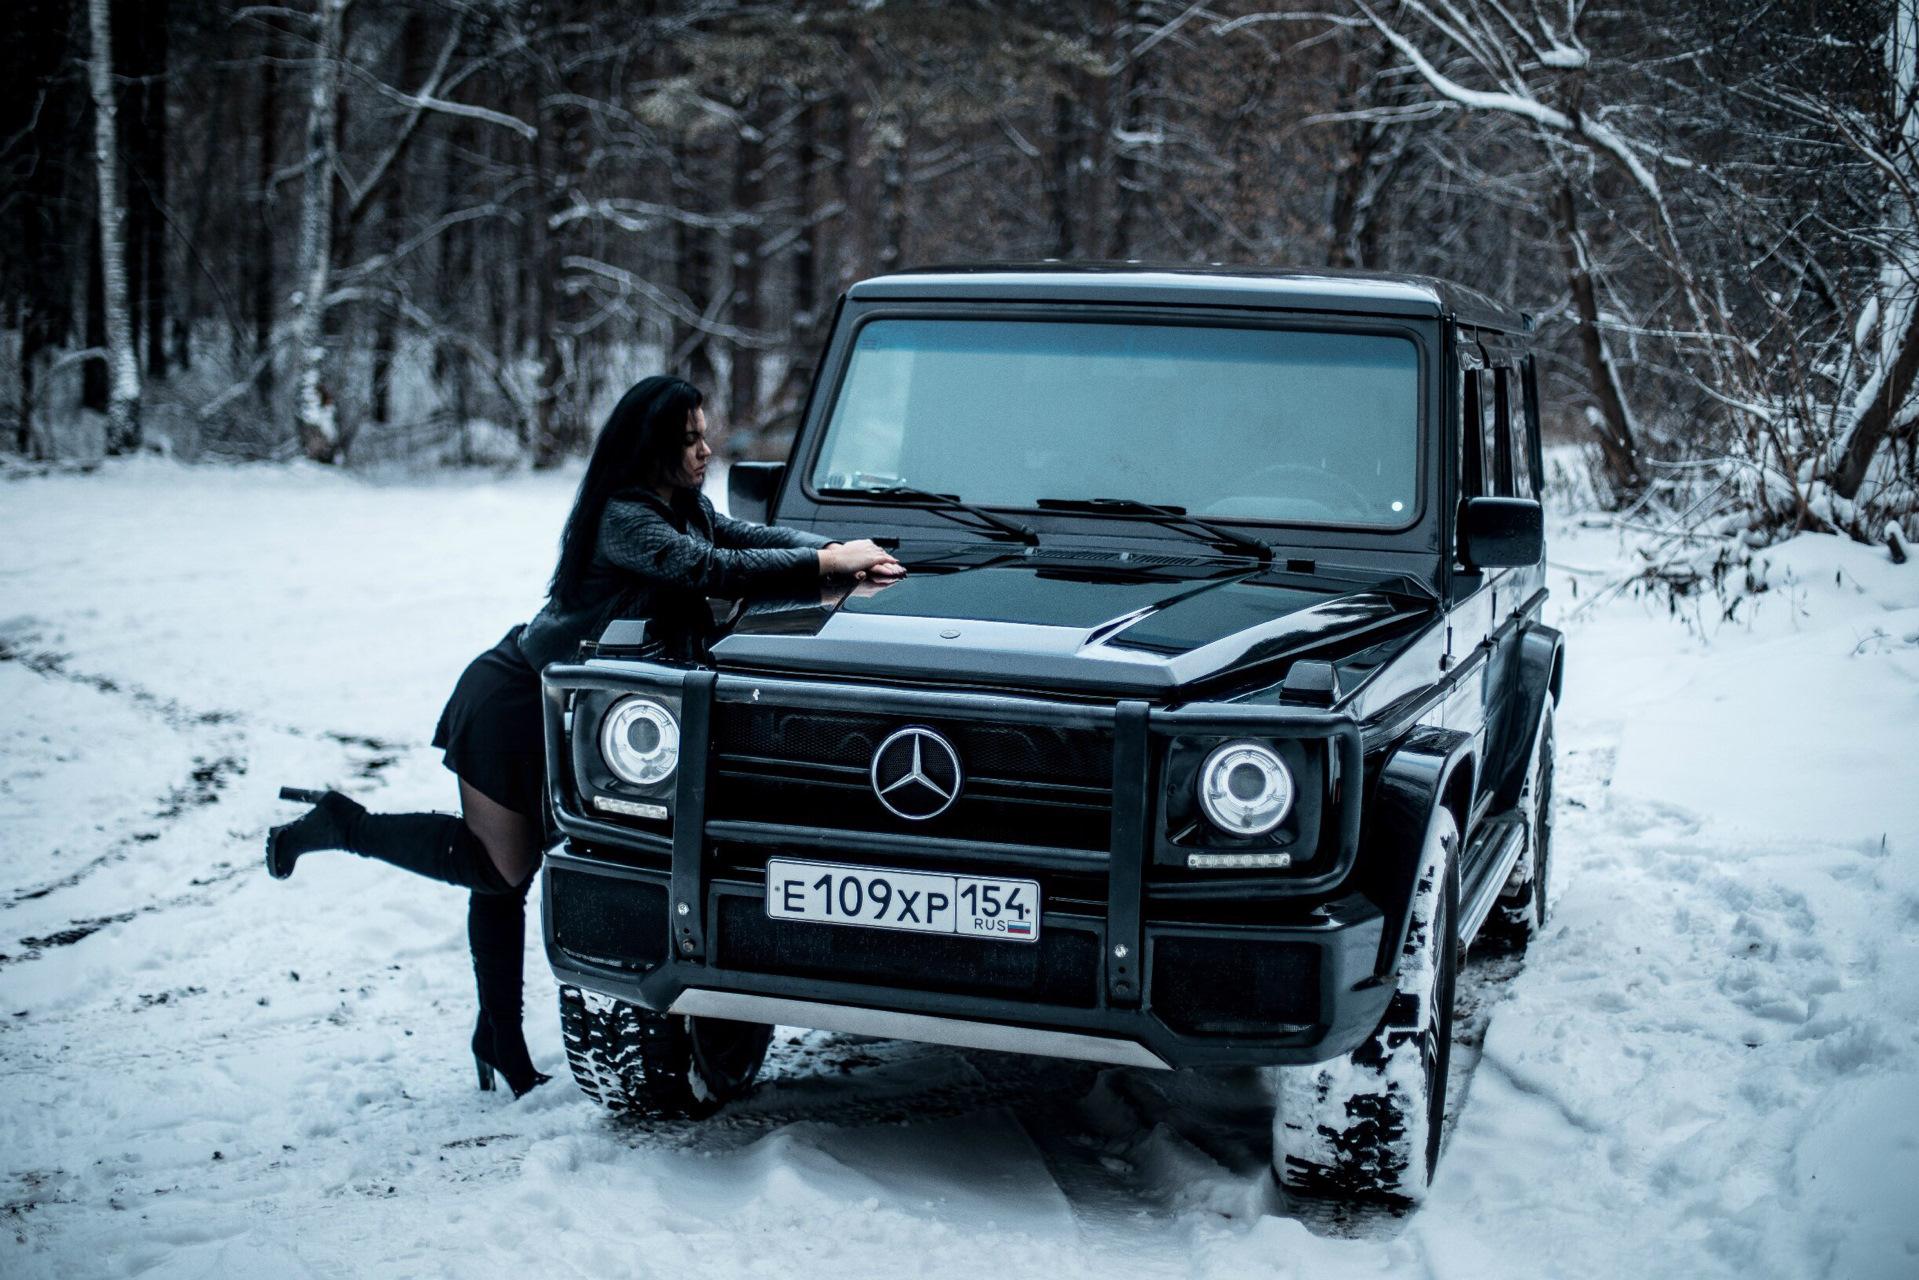 россии министр фото мужчины зимой в белом мерседесе интернет-каталоге найдете ряд